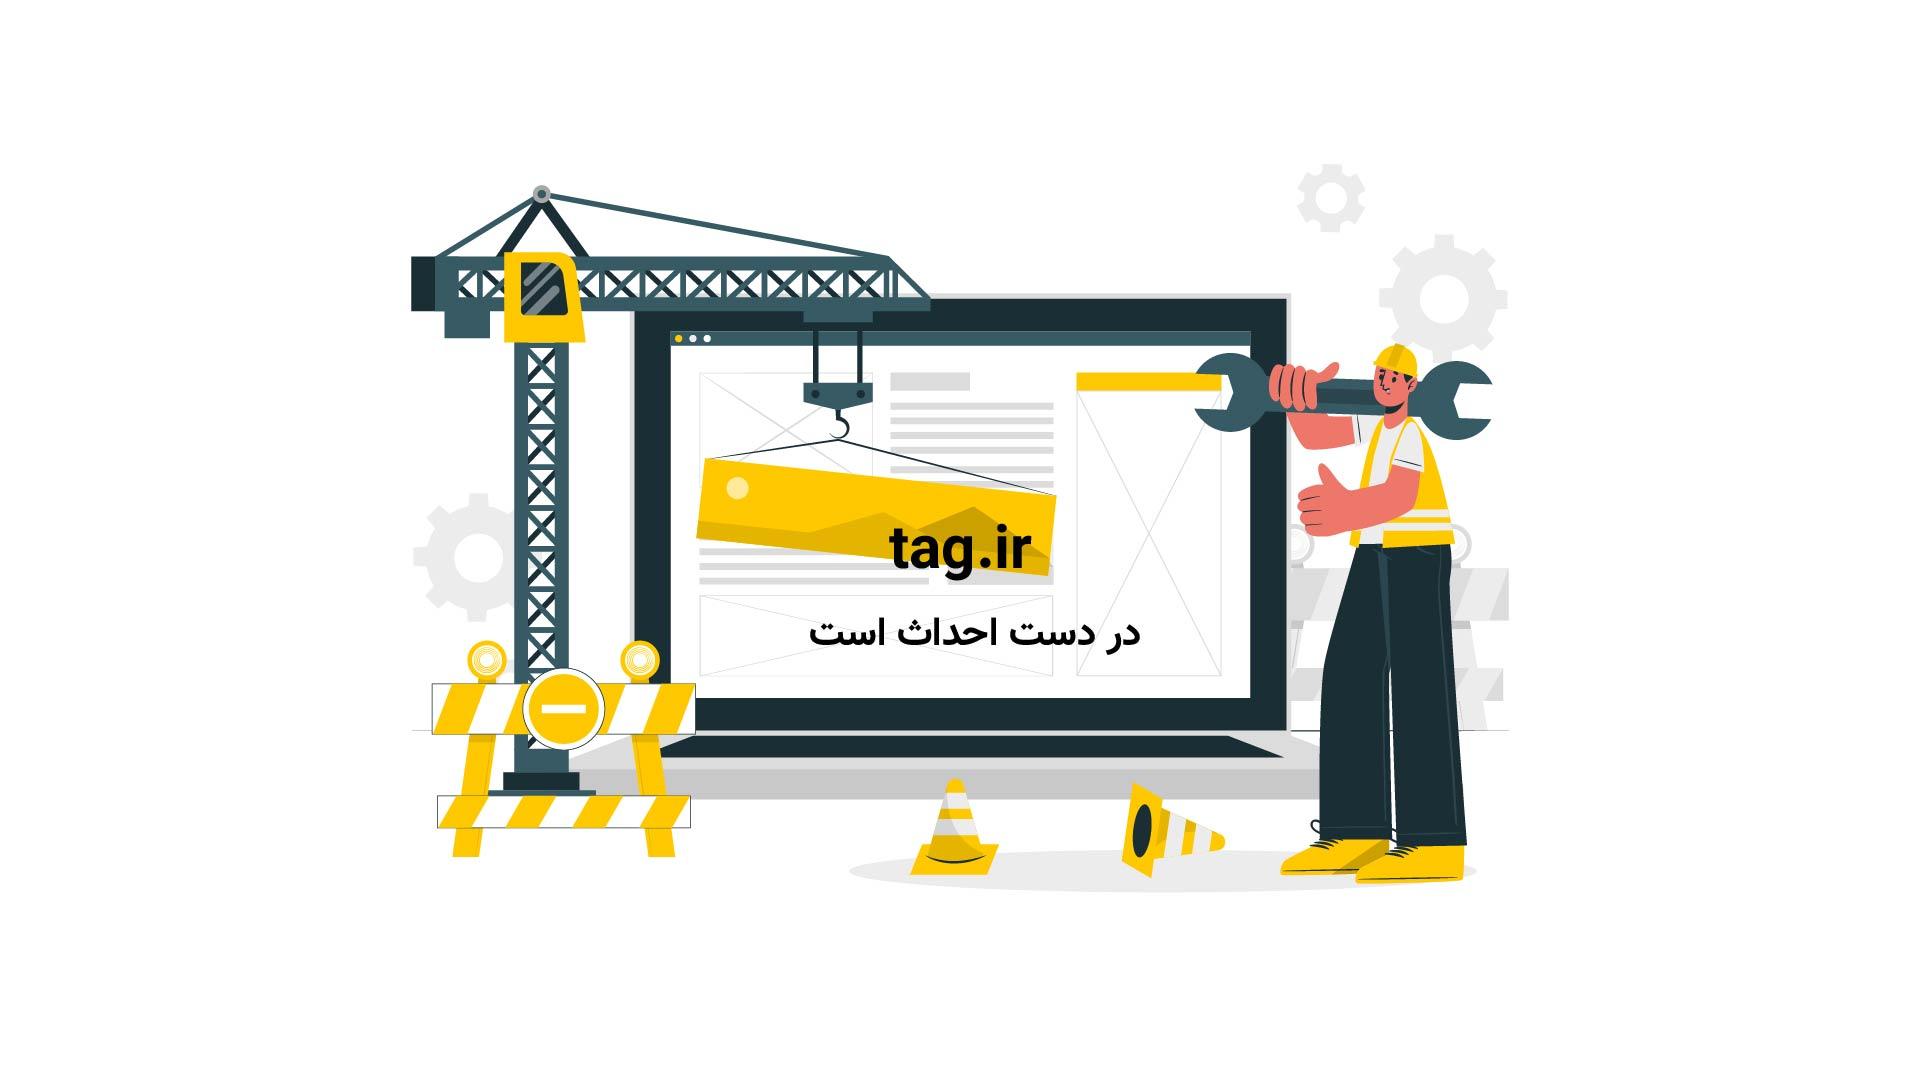 صحنههای دیدنی از درگیری و حمله شیر به پلنگ | فیلم